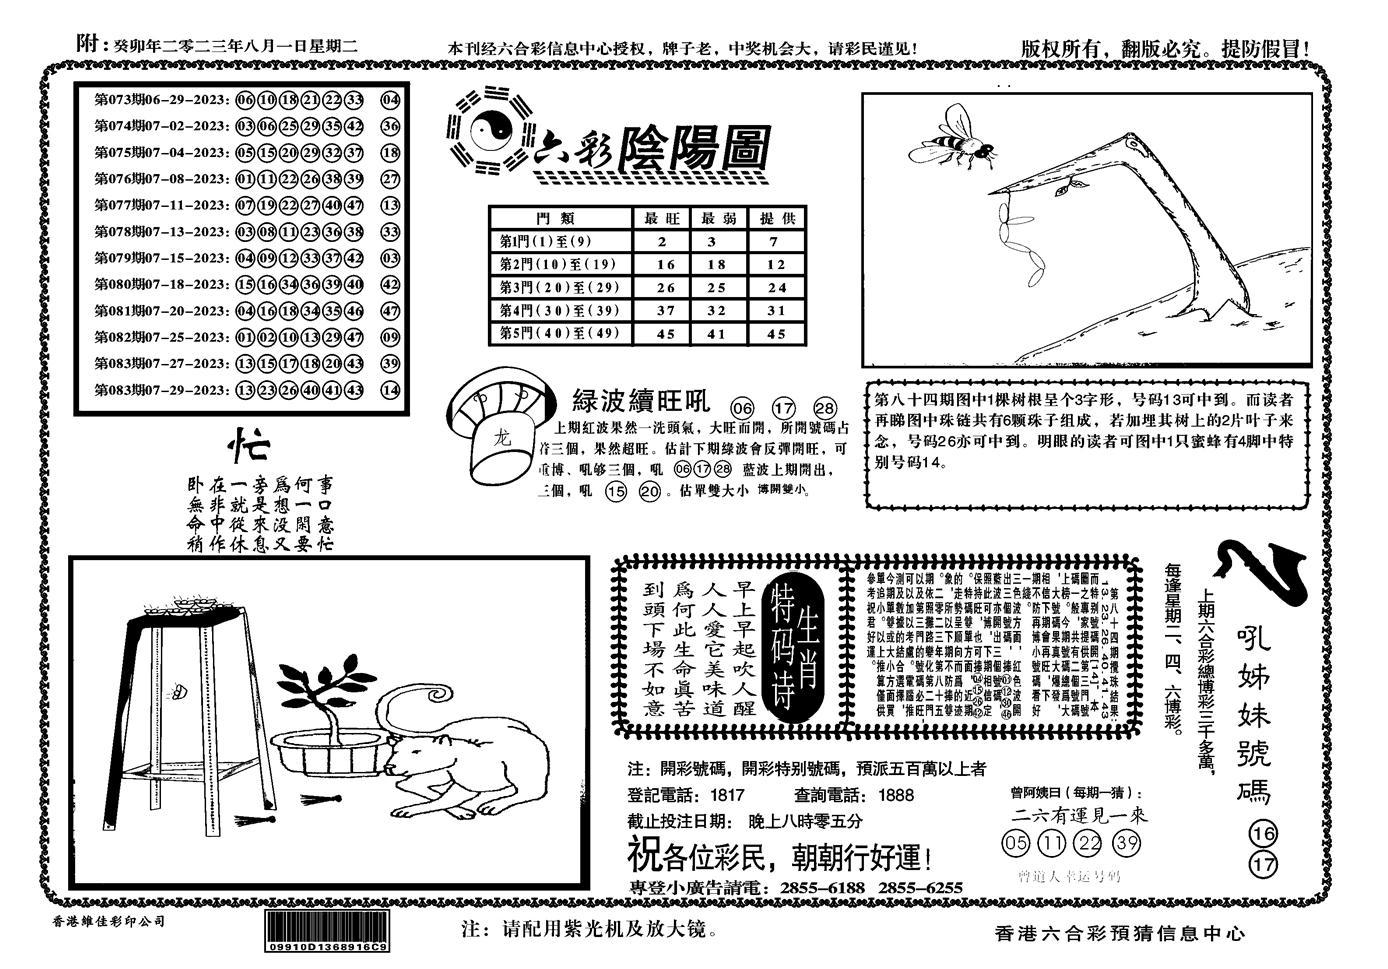 085期六彩阴阳(正版)(黑白)